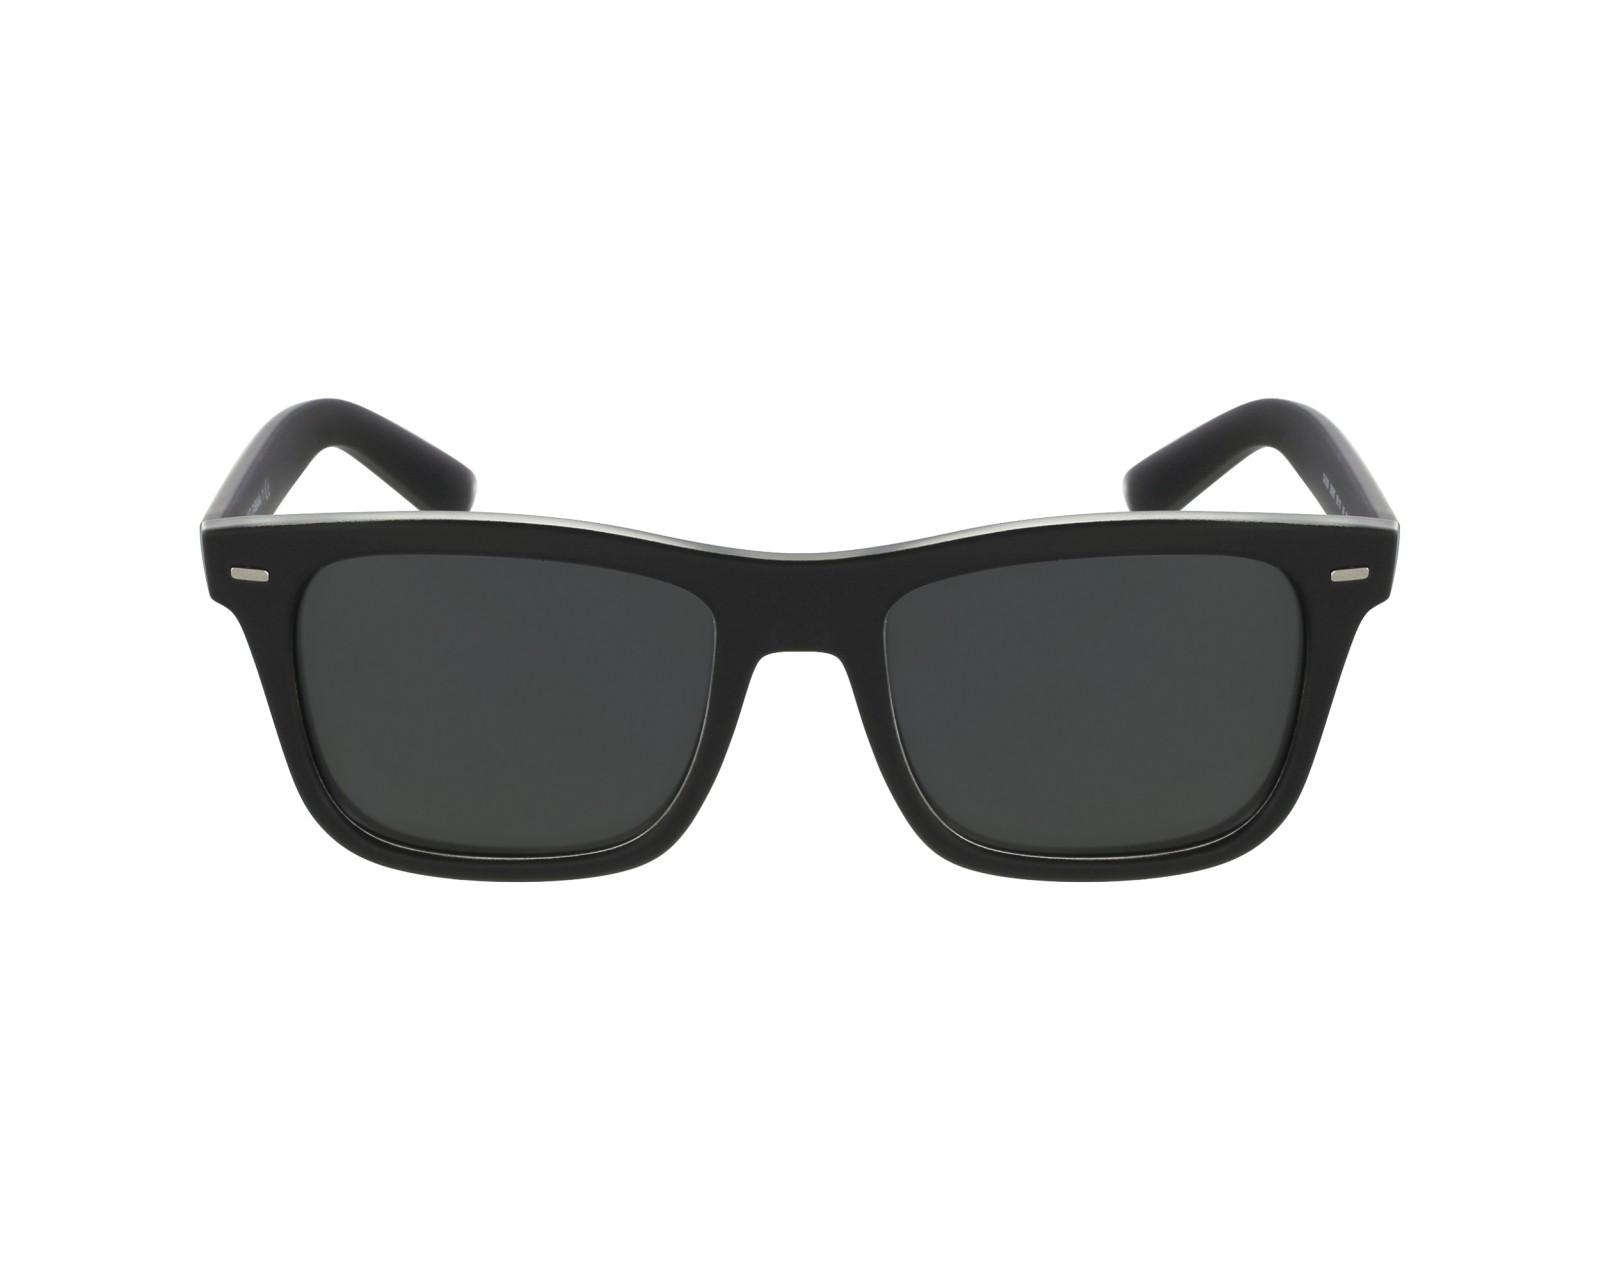 Dolce Gabbana Sunglasses Black  dolce gabbana sunglasses dg6095 2896 87 55 visionet